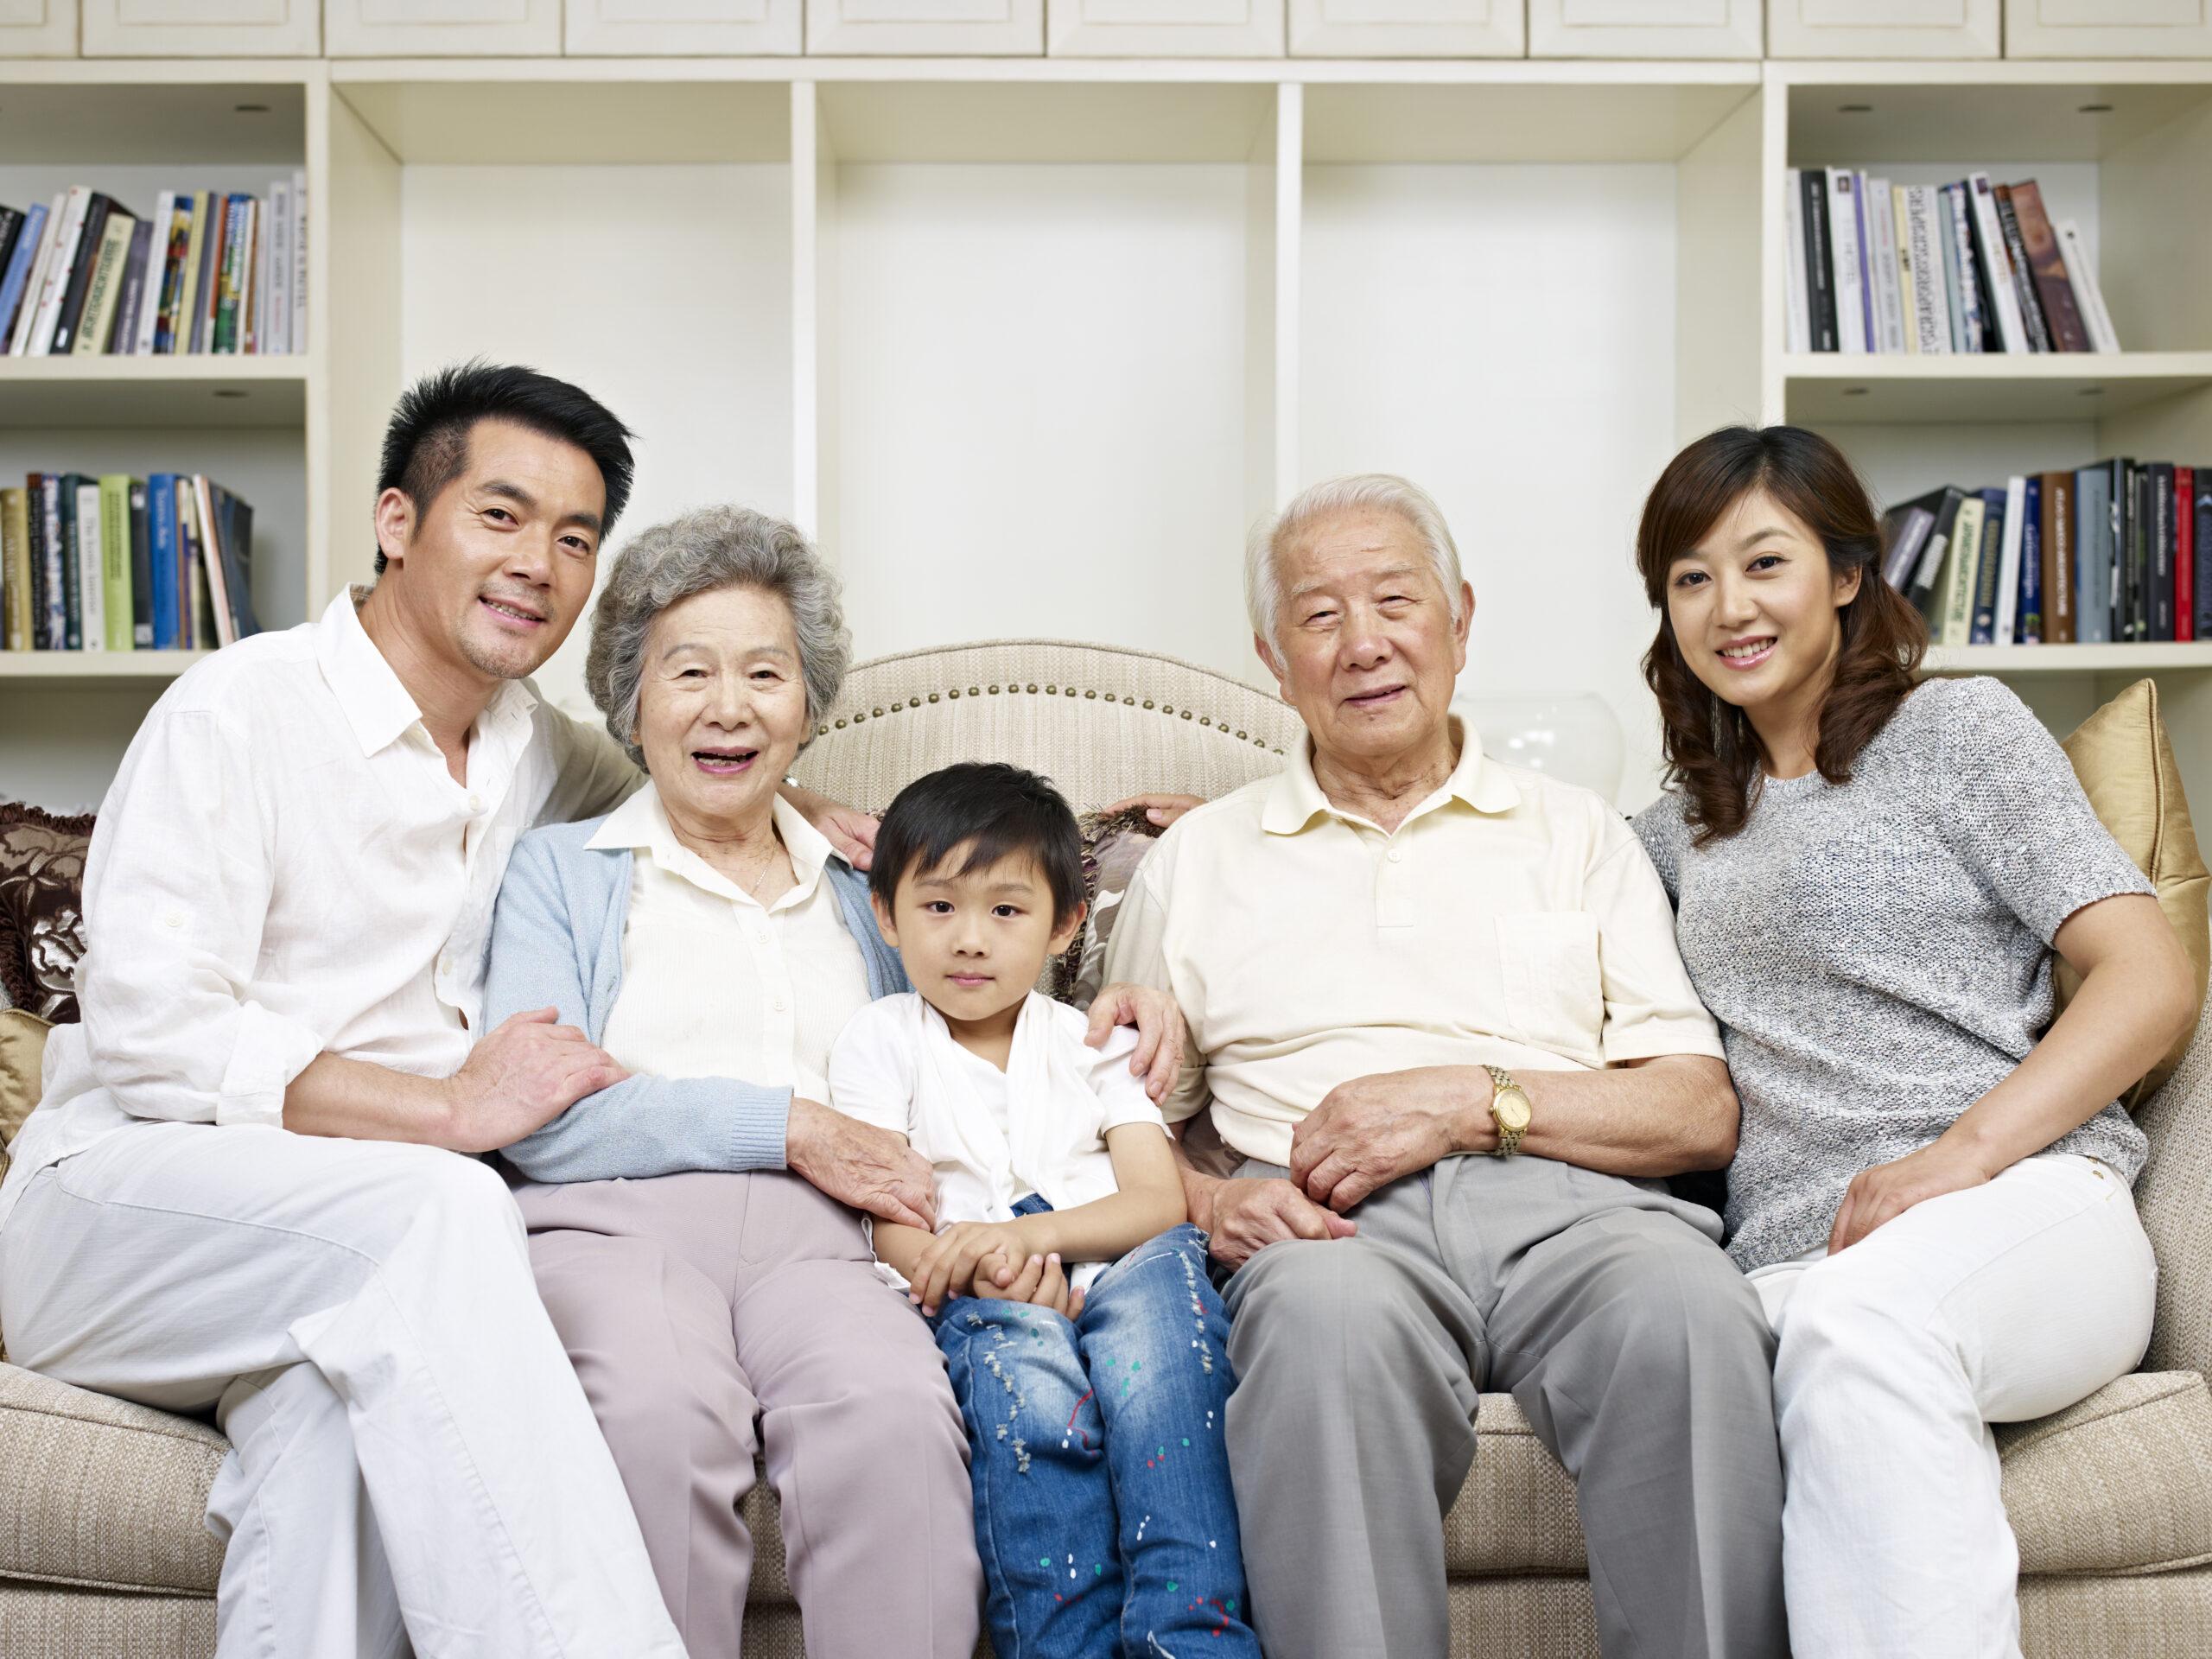 バラ写真 PRO 600dpiコース 家族写真 写真 デジタル化